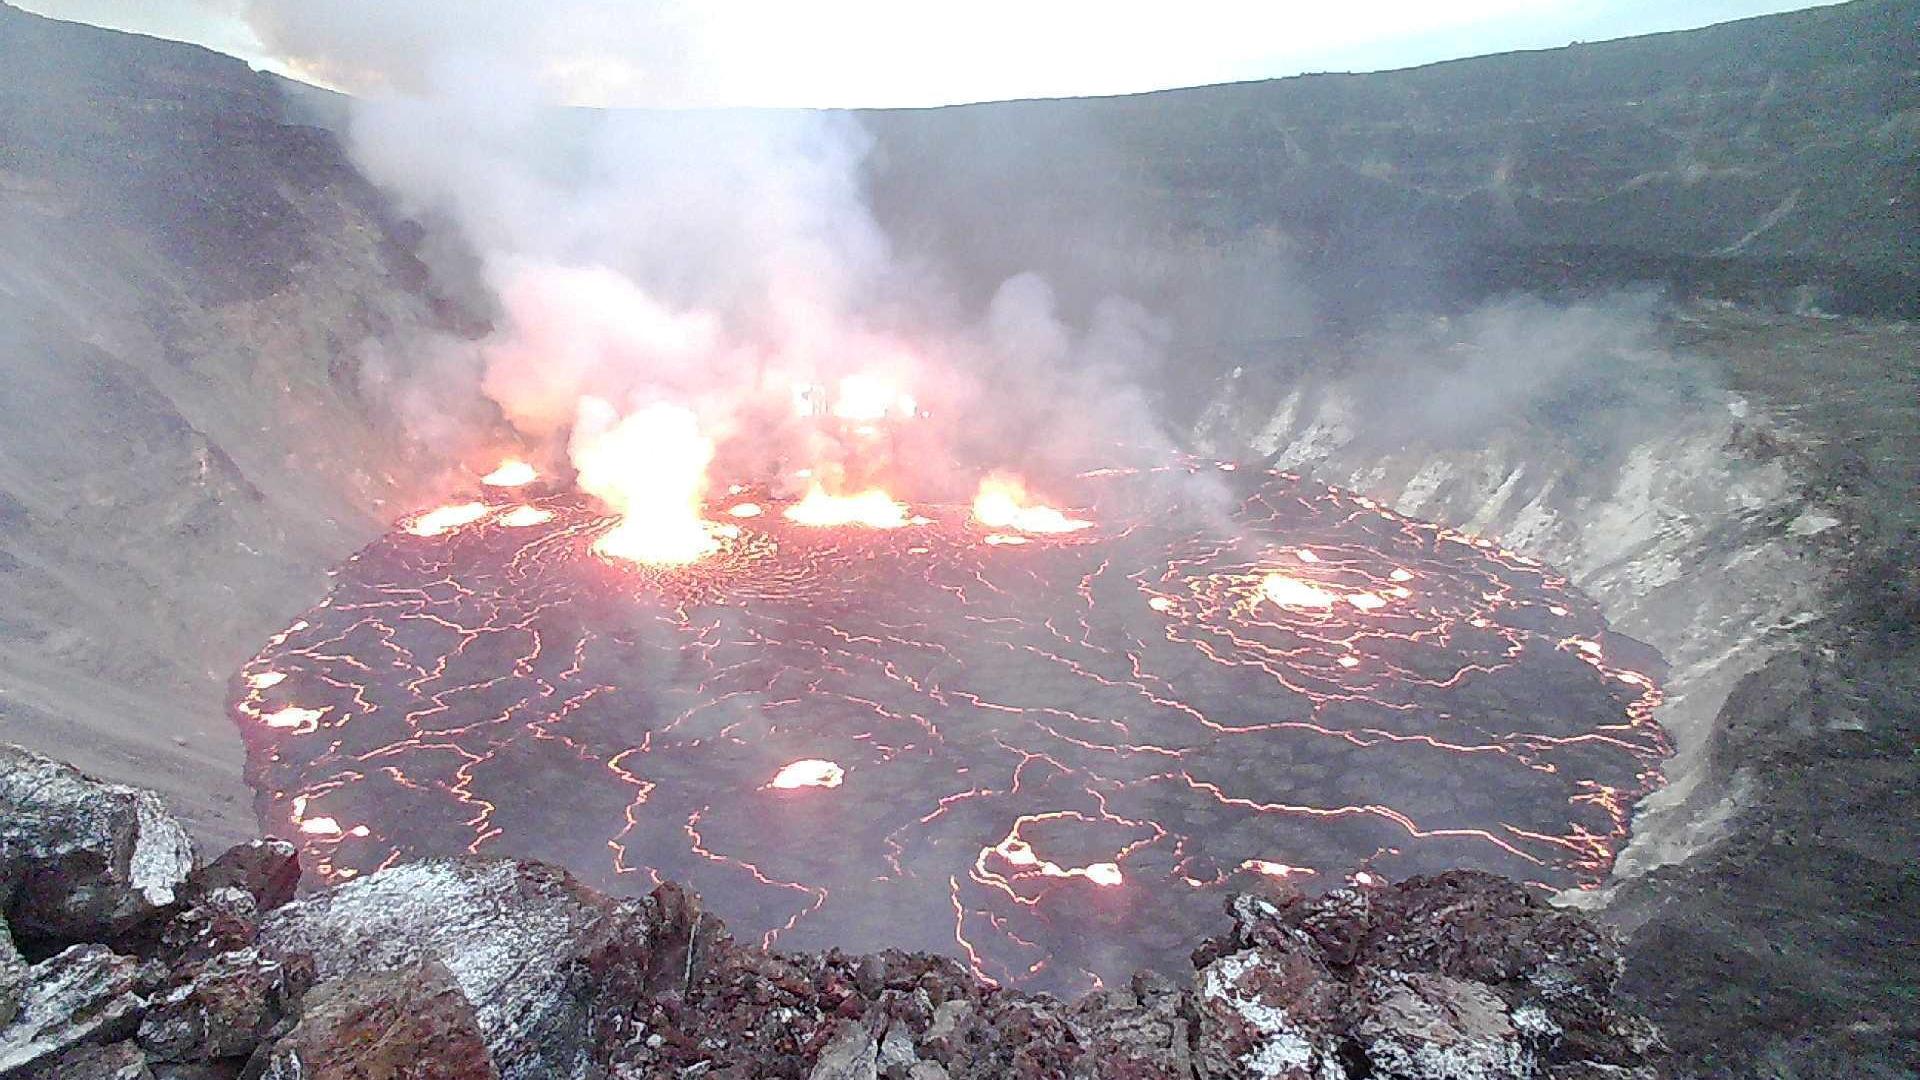 Hawaii's Kilauea volcano has erupted again